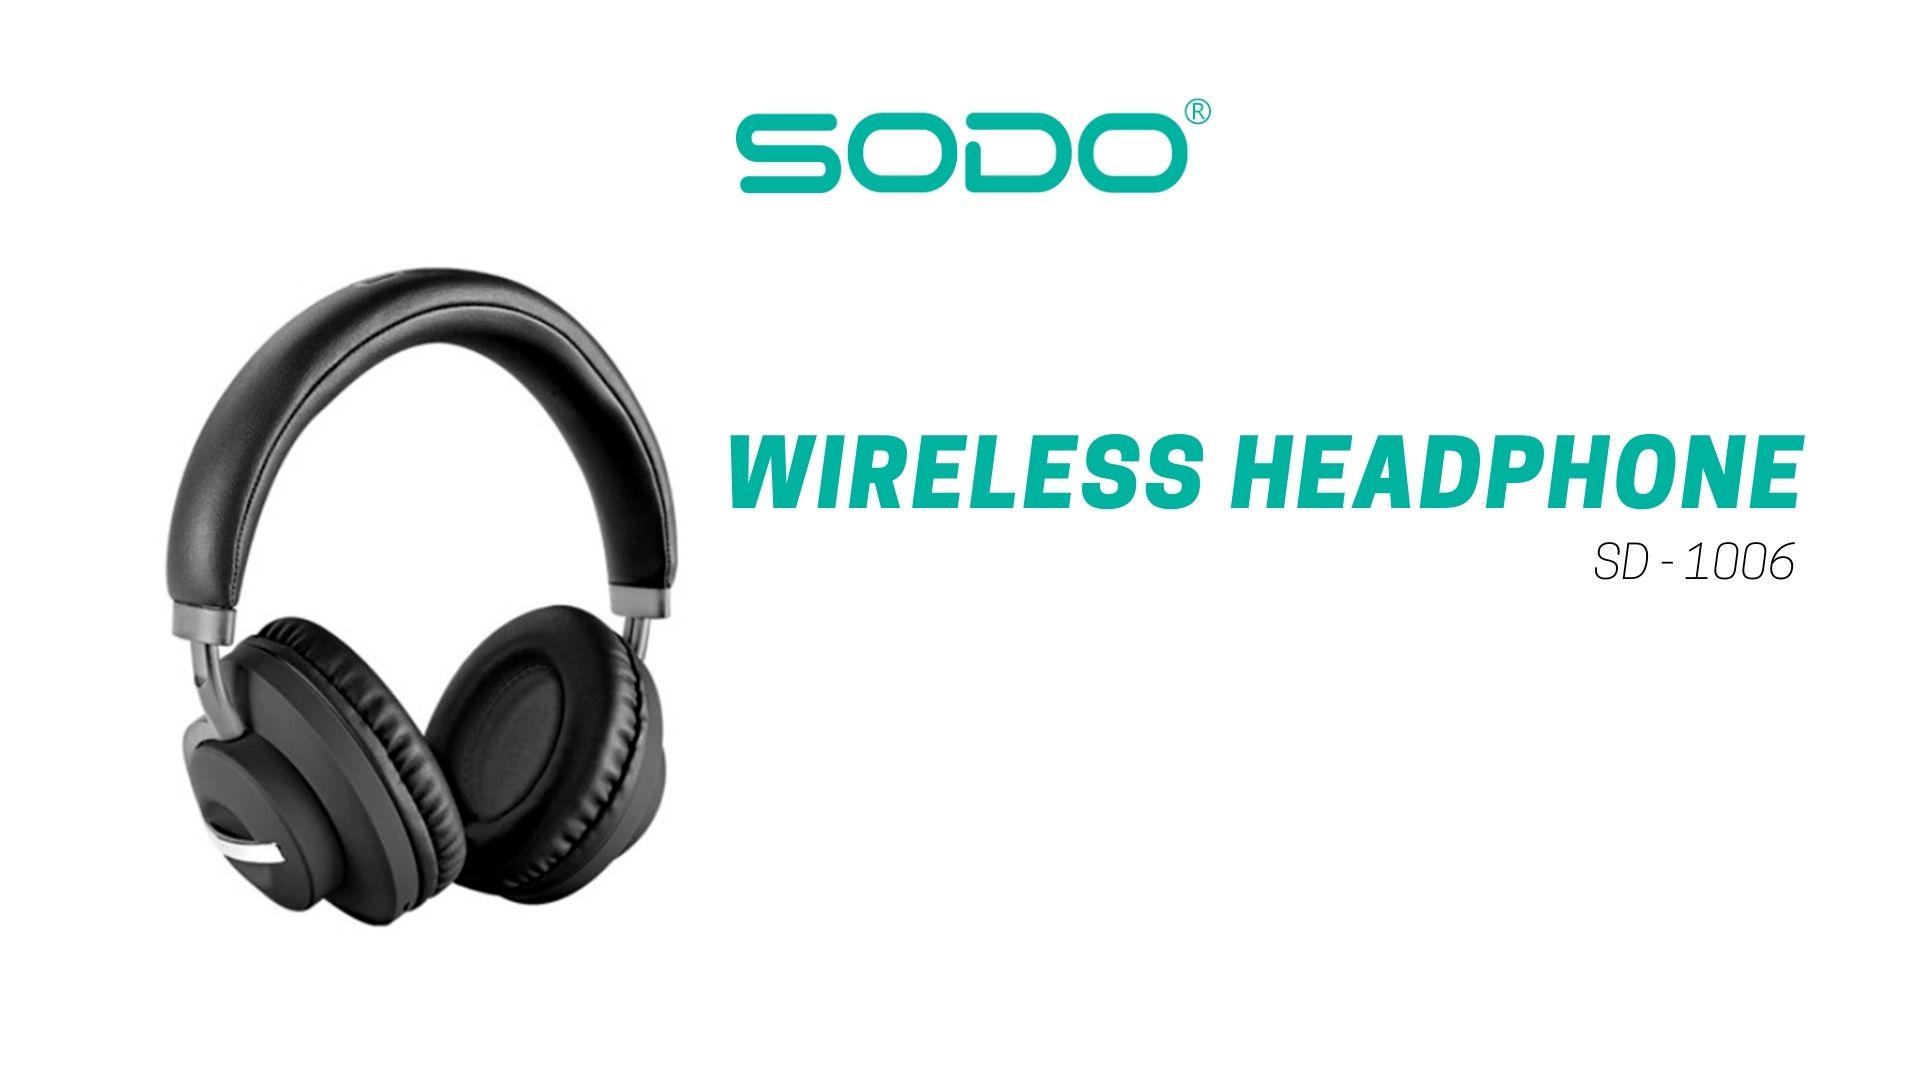 Fone De Ouvido Headset Bluetooth-5.0 1006-Sodo